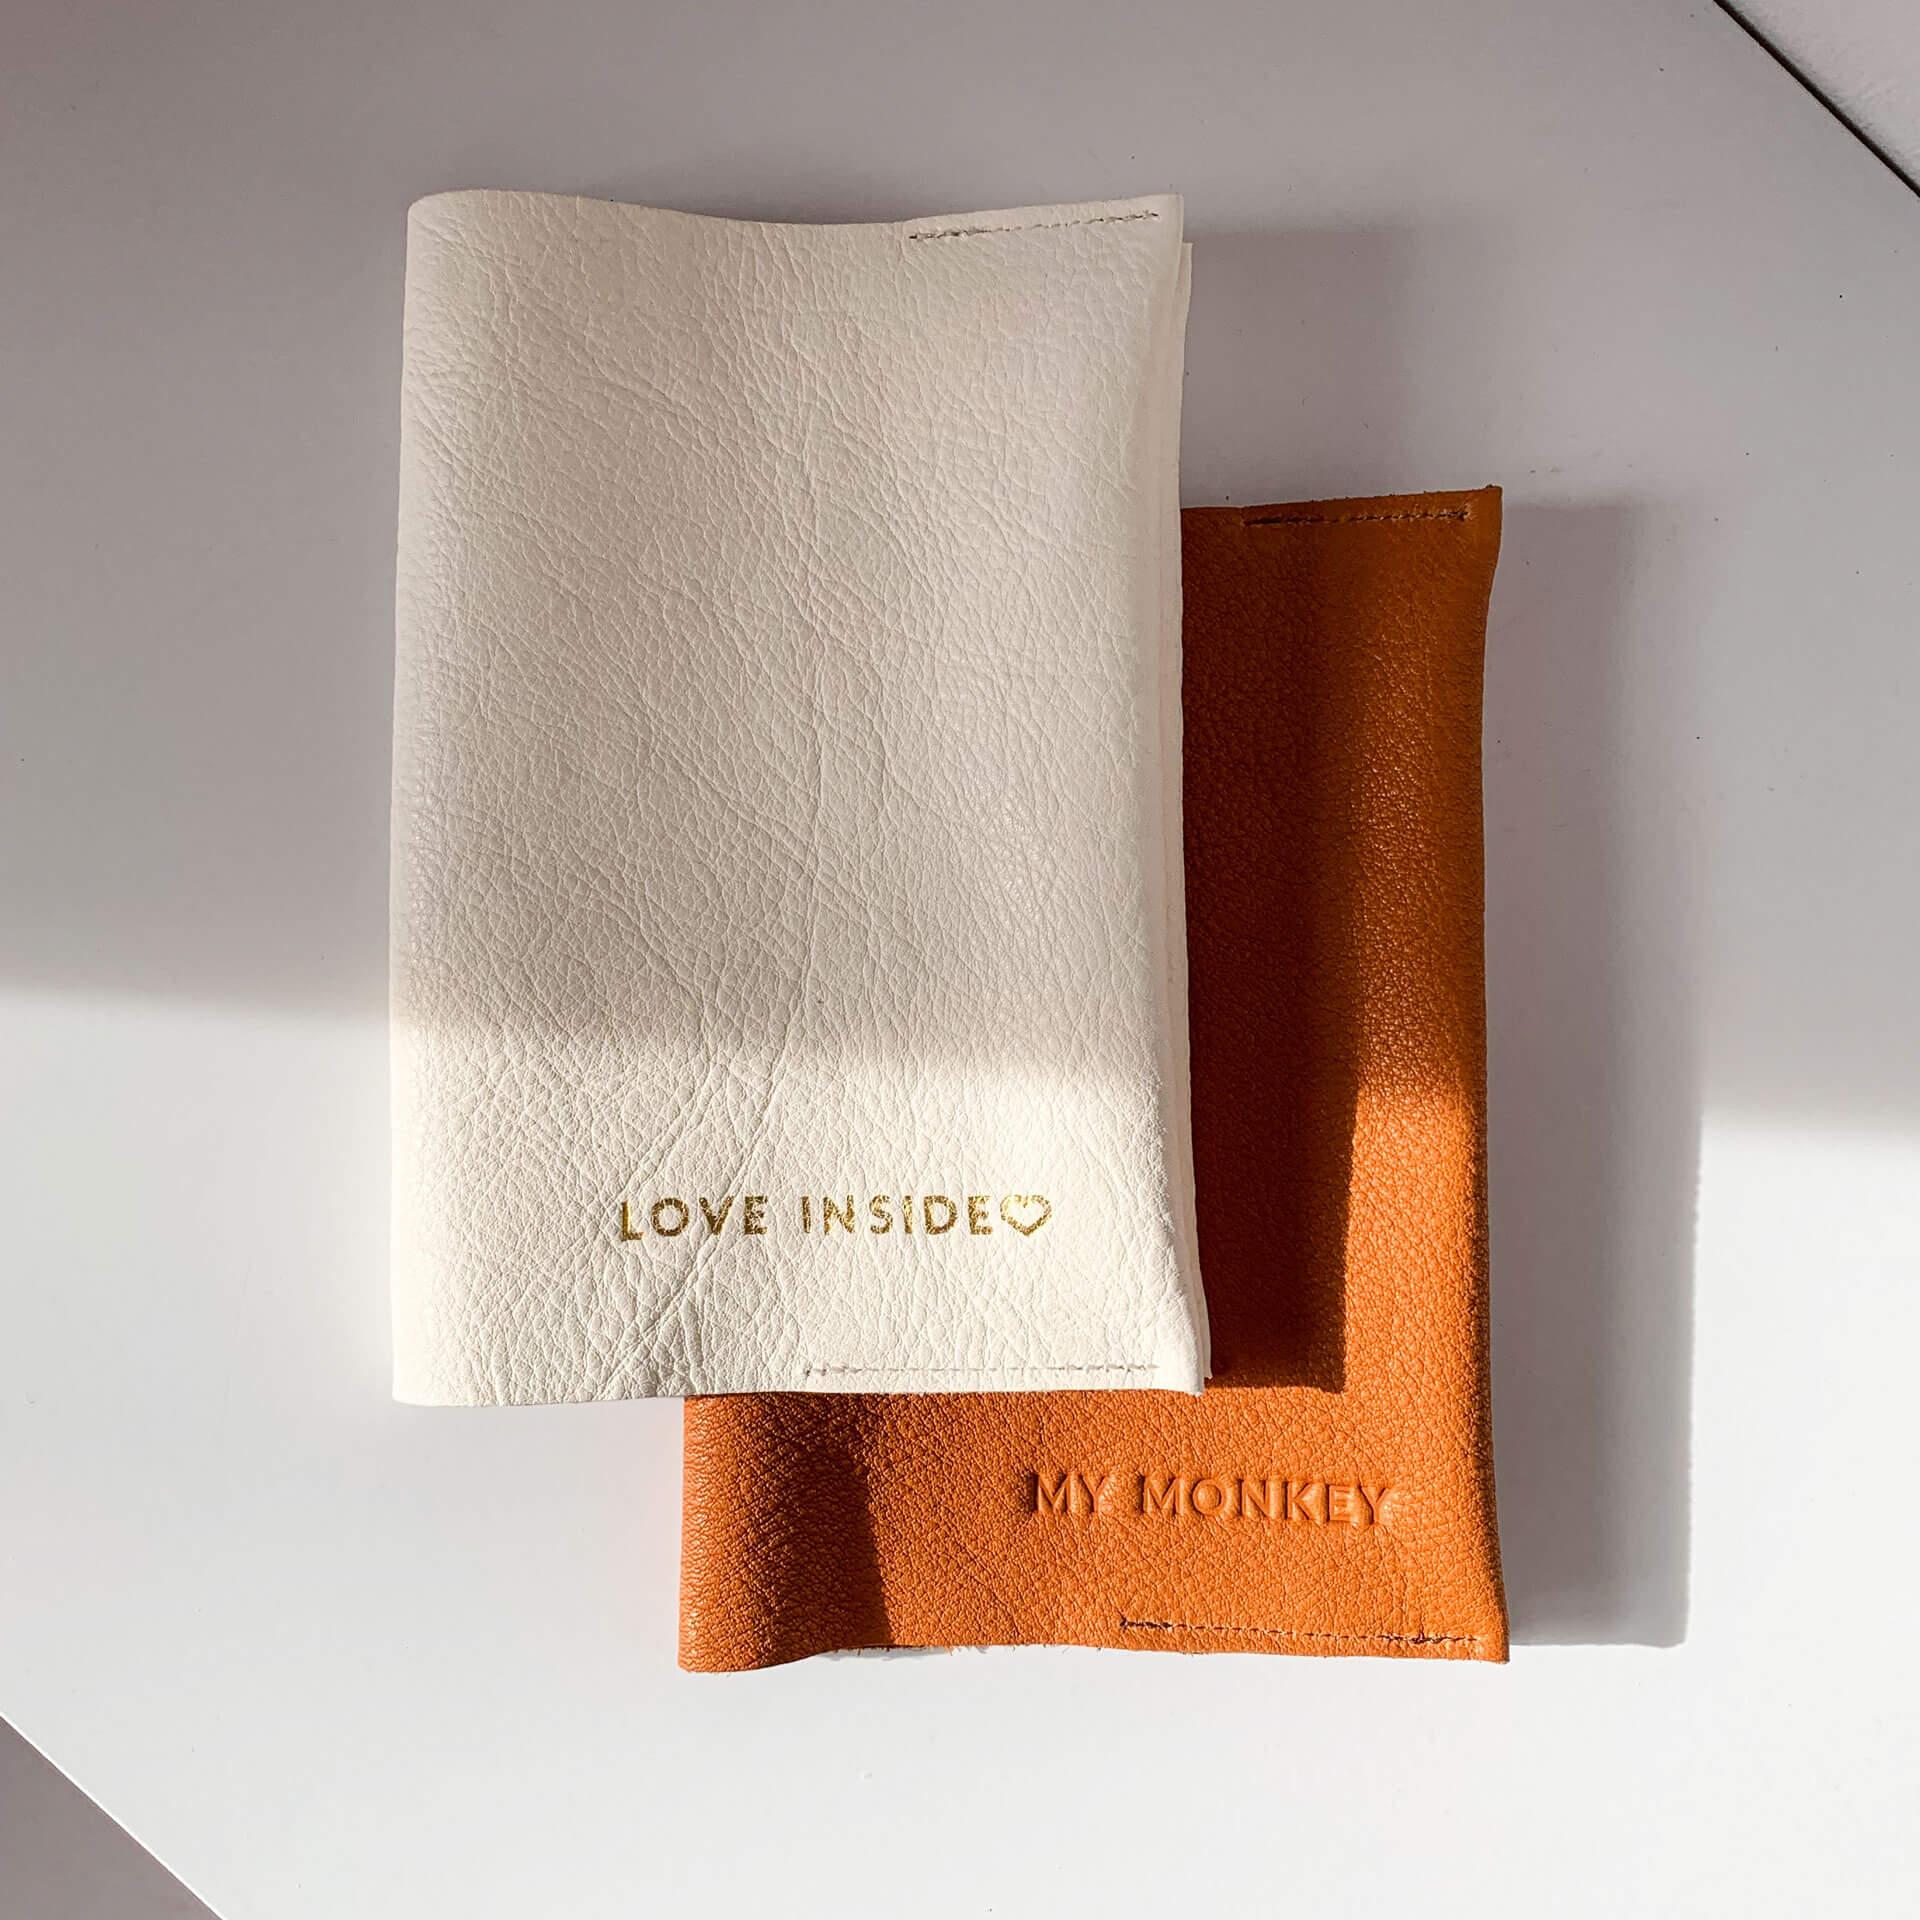 Mutterpasshülle EVE aus nachhaltigem Naturleder in Creme und Cognac mit individuellen Prägungen in Gold und Natur